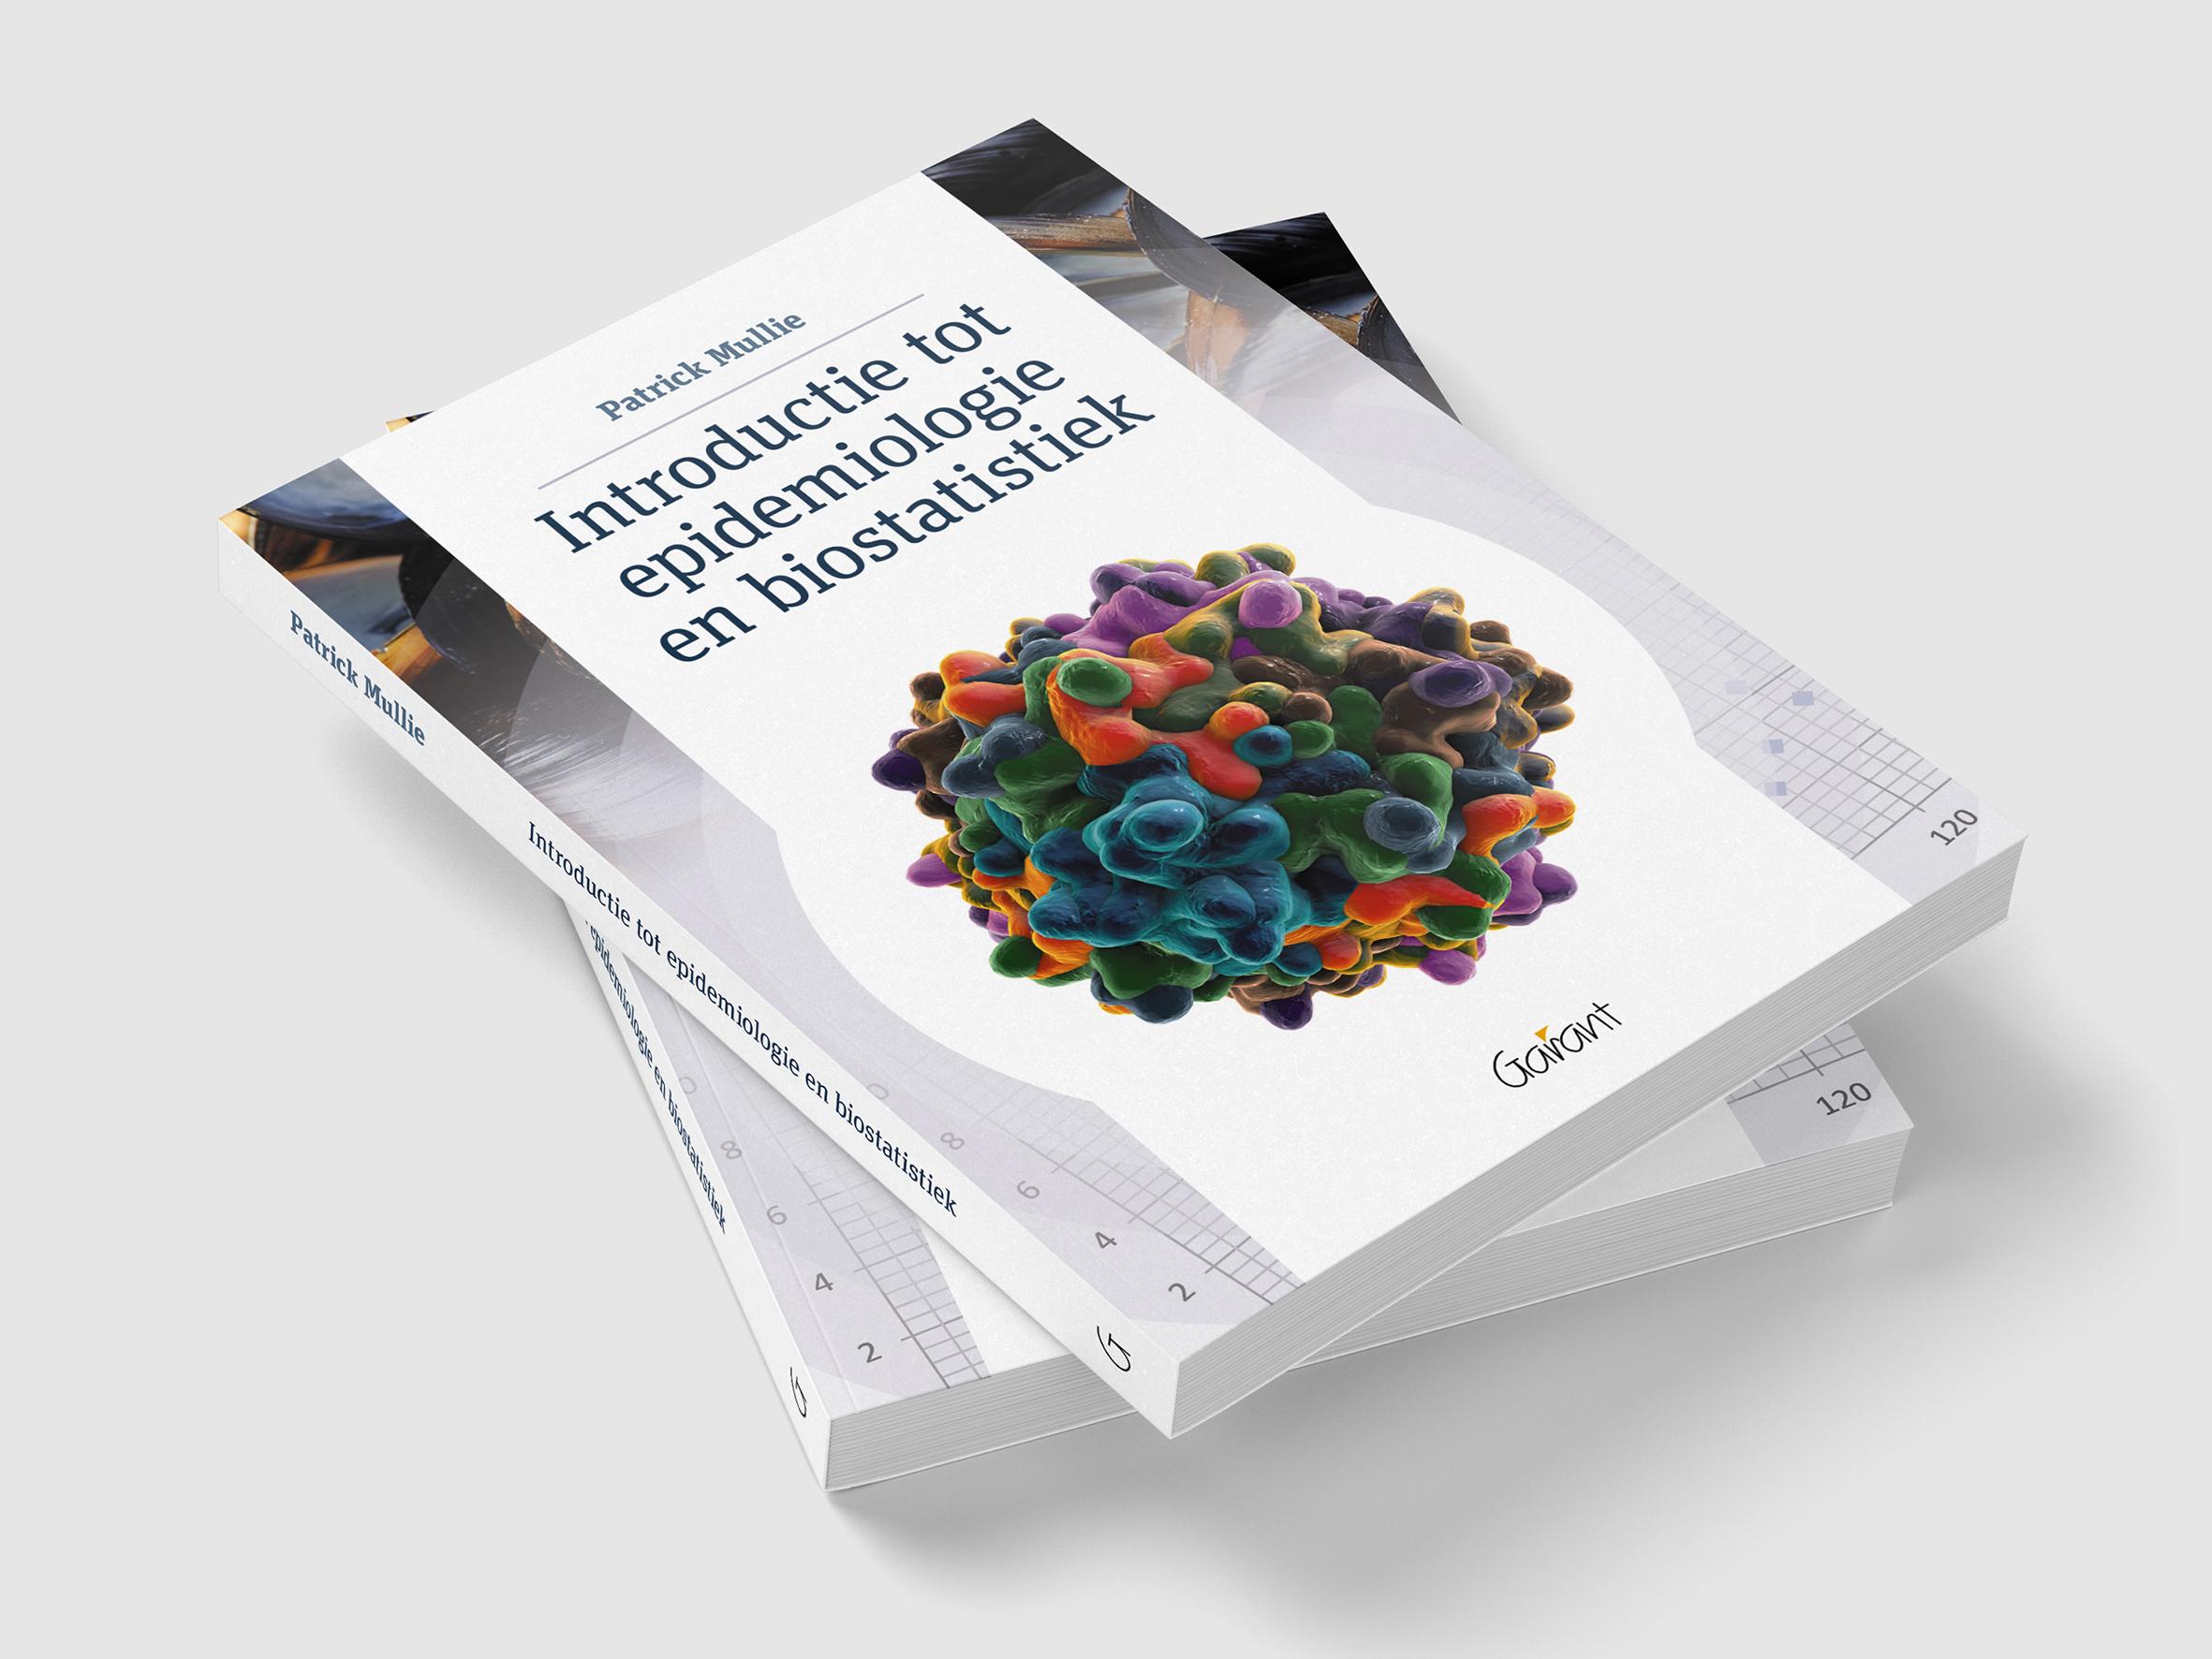 Introductie tot epidemiologie en biostatistiek